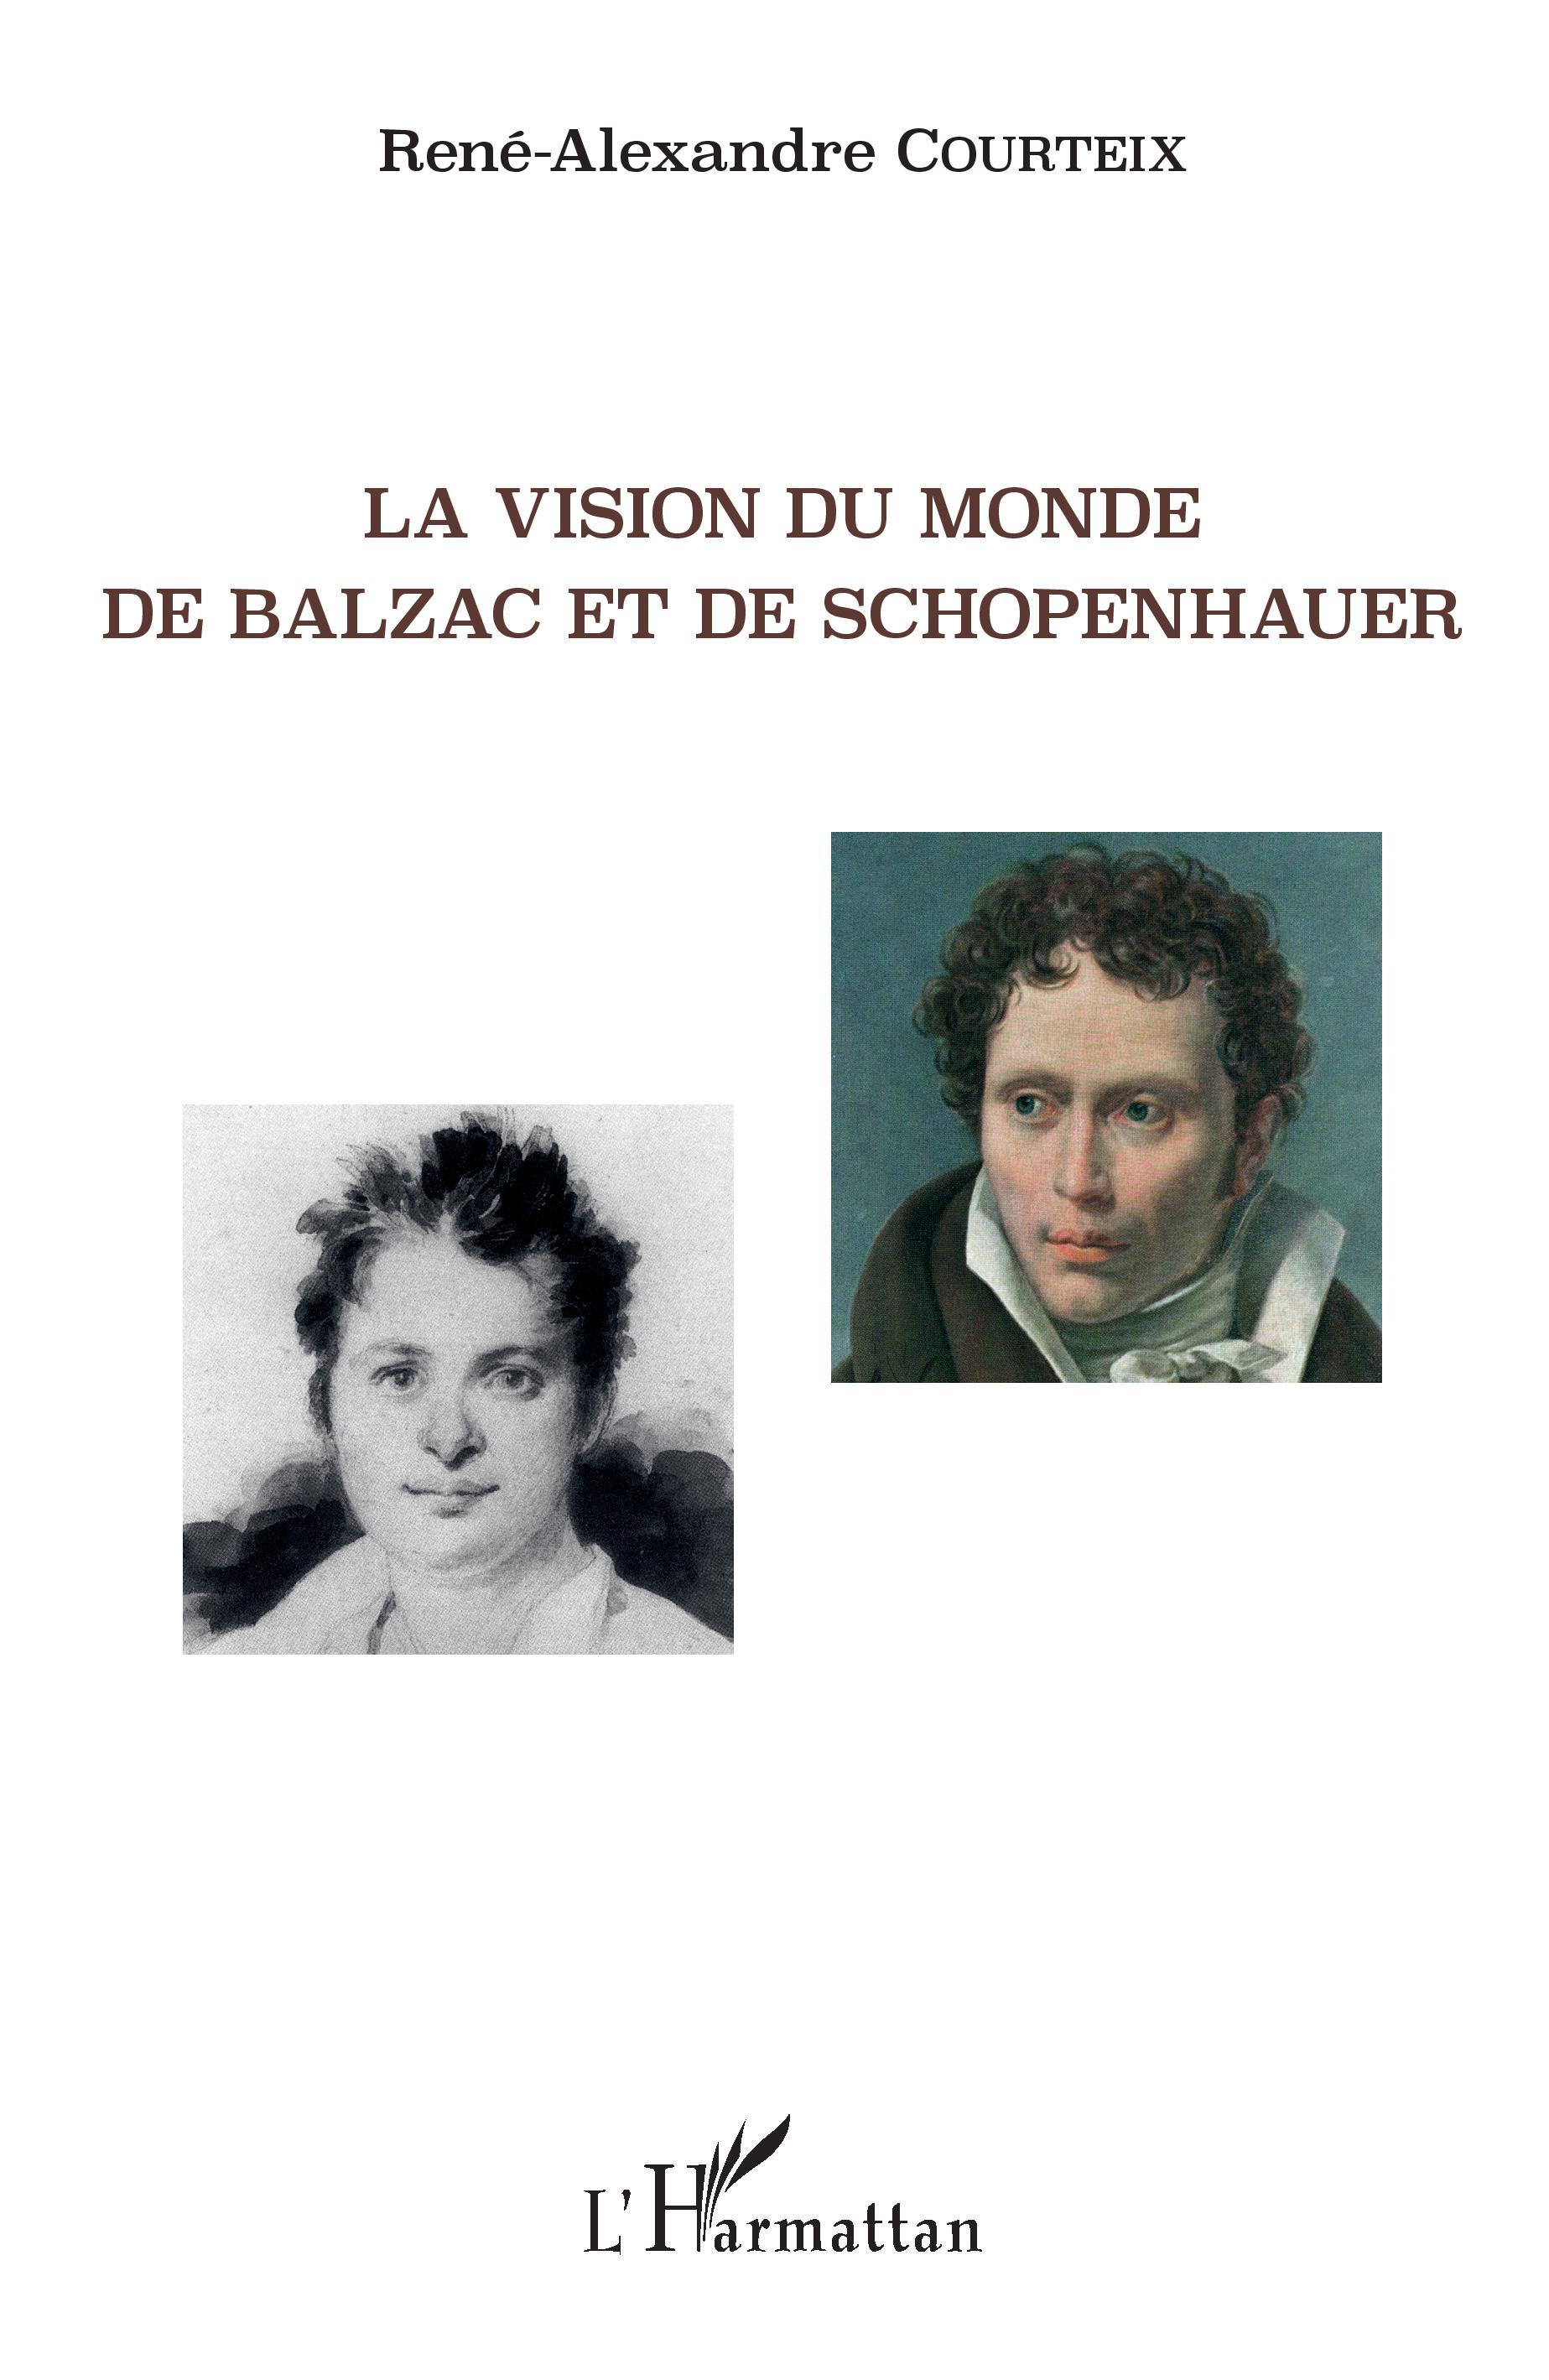 R.-A. Courteix,  La Vision du monde de Balzac et de Schopenhauer